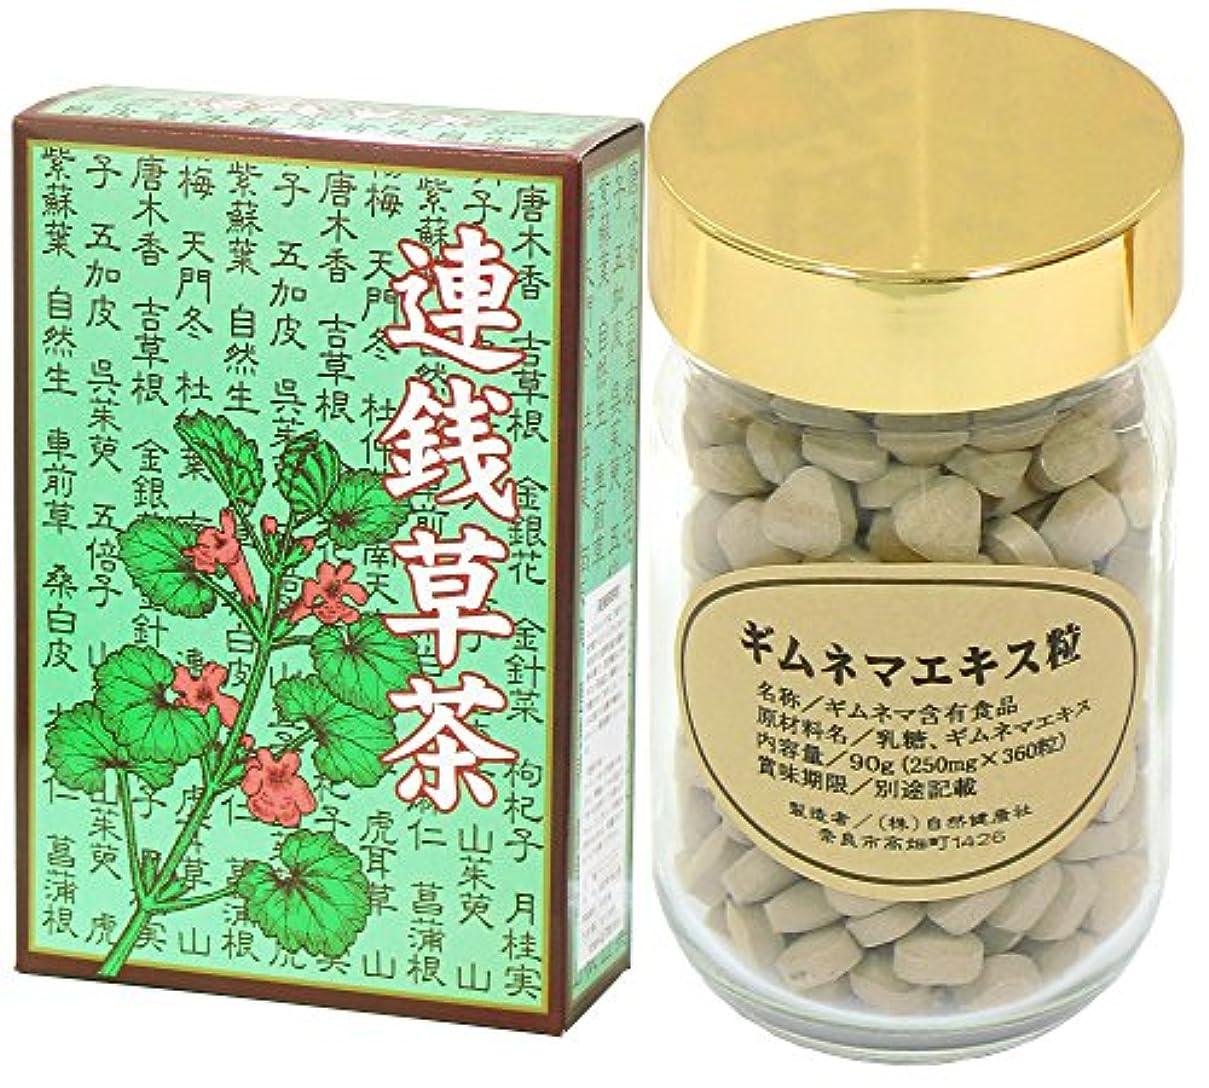 未使用子猫ガジュマル自然健康社 国産連銭草茶 30パック + ギムネマエキス粒 90g